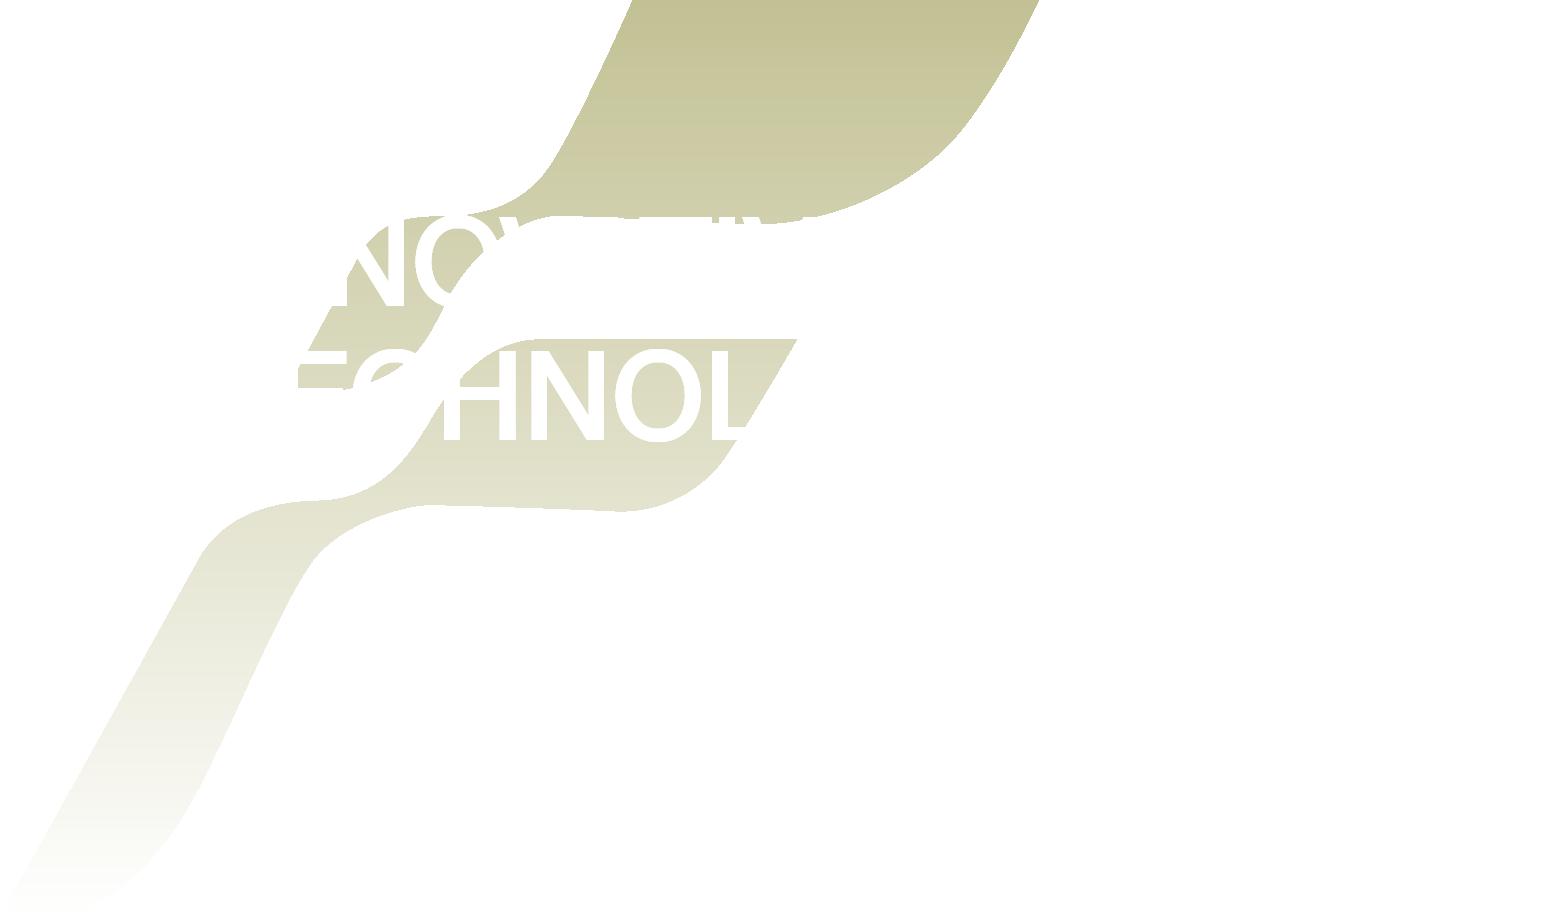 最先端のテクノロジーで未来を切り開く